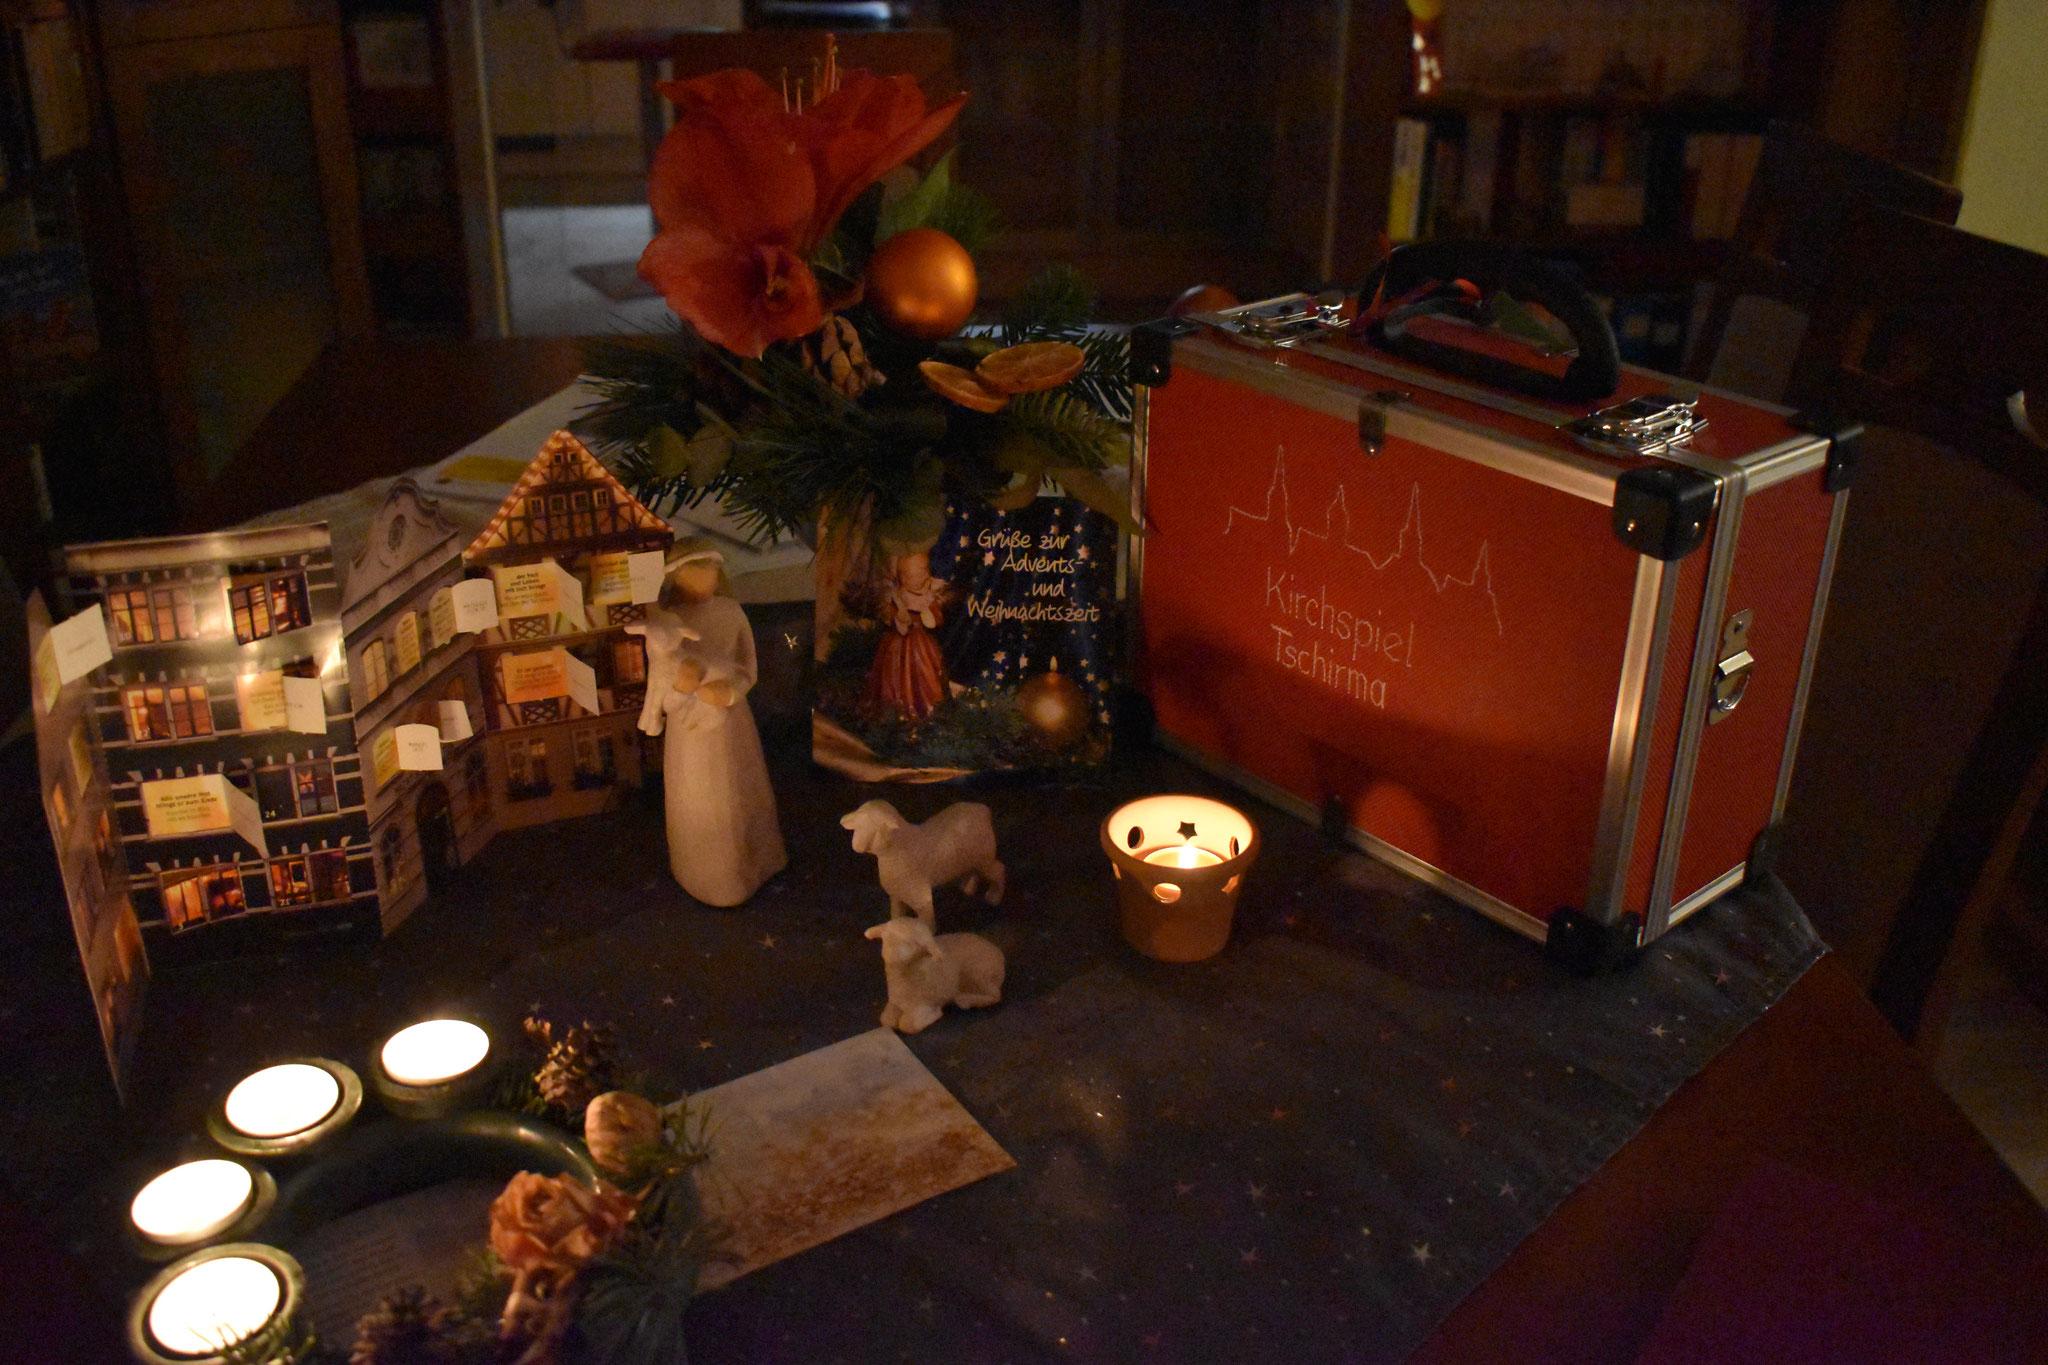 eine Nachricht der Hirtin, vom 4. Advent aus ihrer Herberge in Wildetaube, Schwanweg